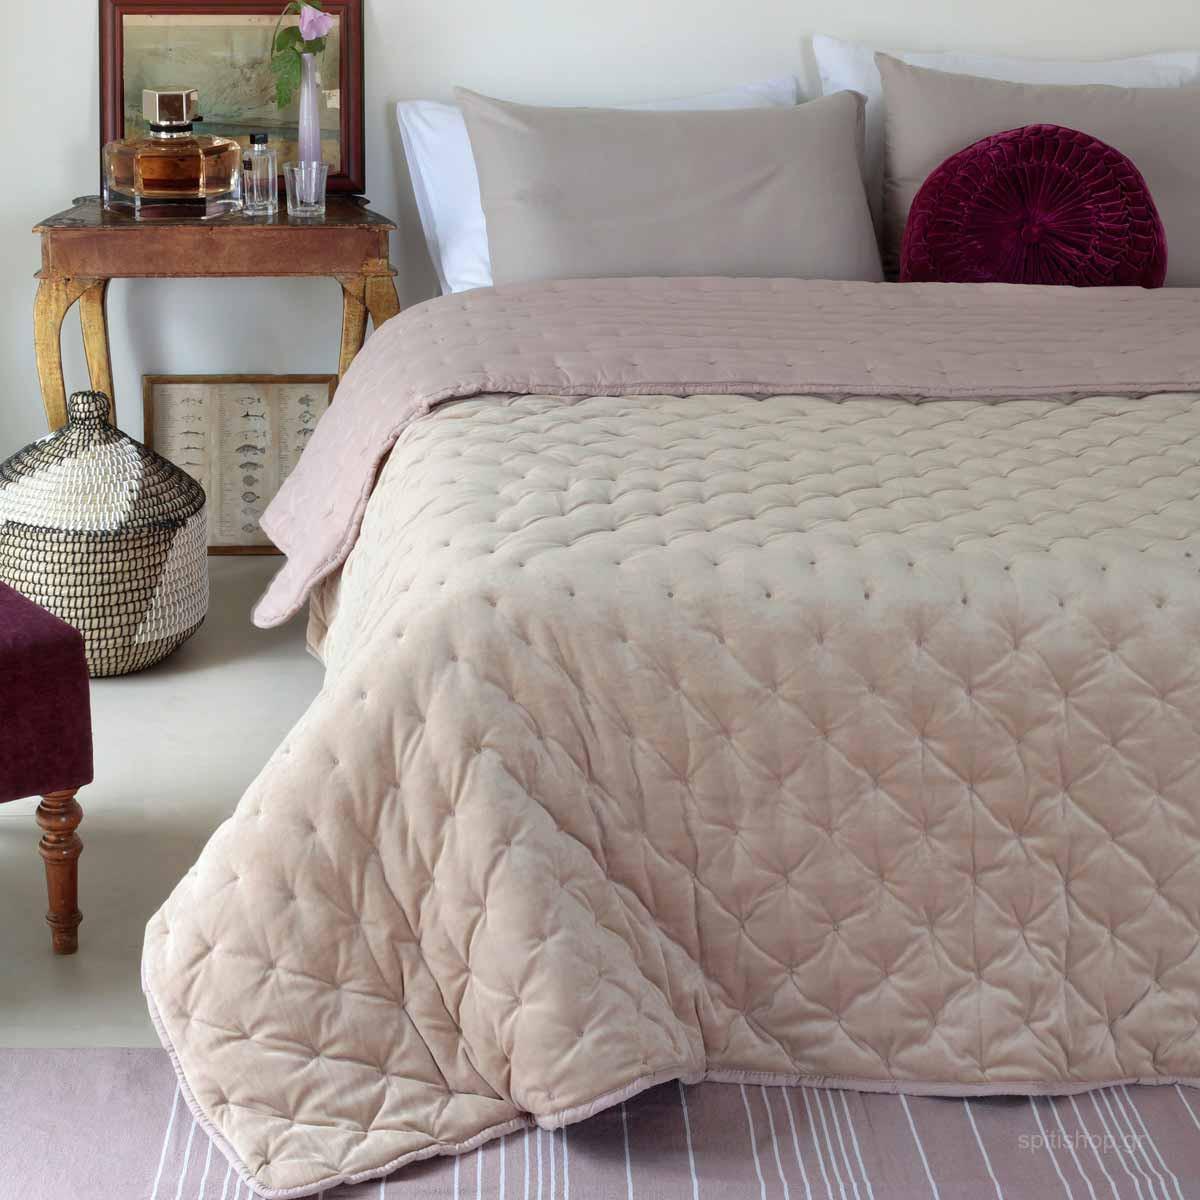 Κουβερτοπάπλωμα Υπέρδιπλο Melinen Lush Beige home   κρεβατοκάμαρα   παπλώματα   κουβερτοπαπλώματα